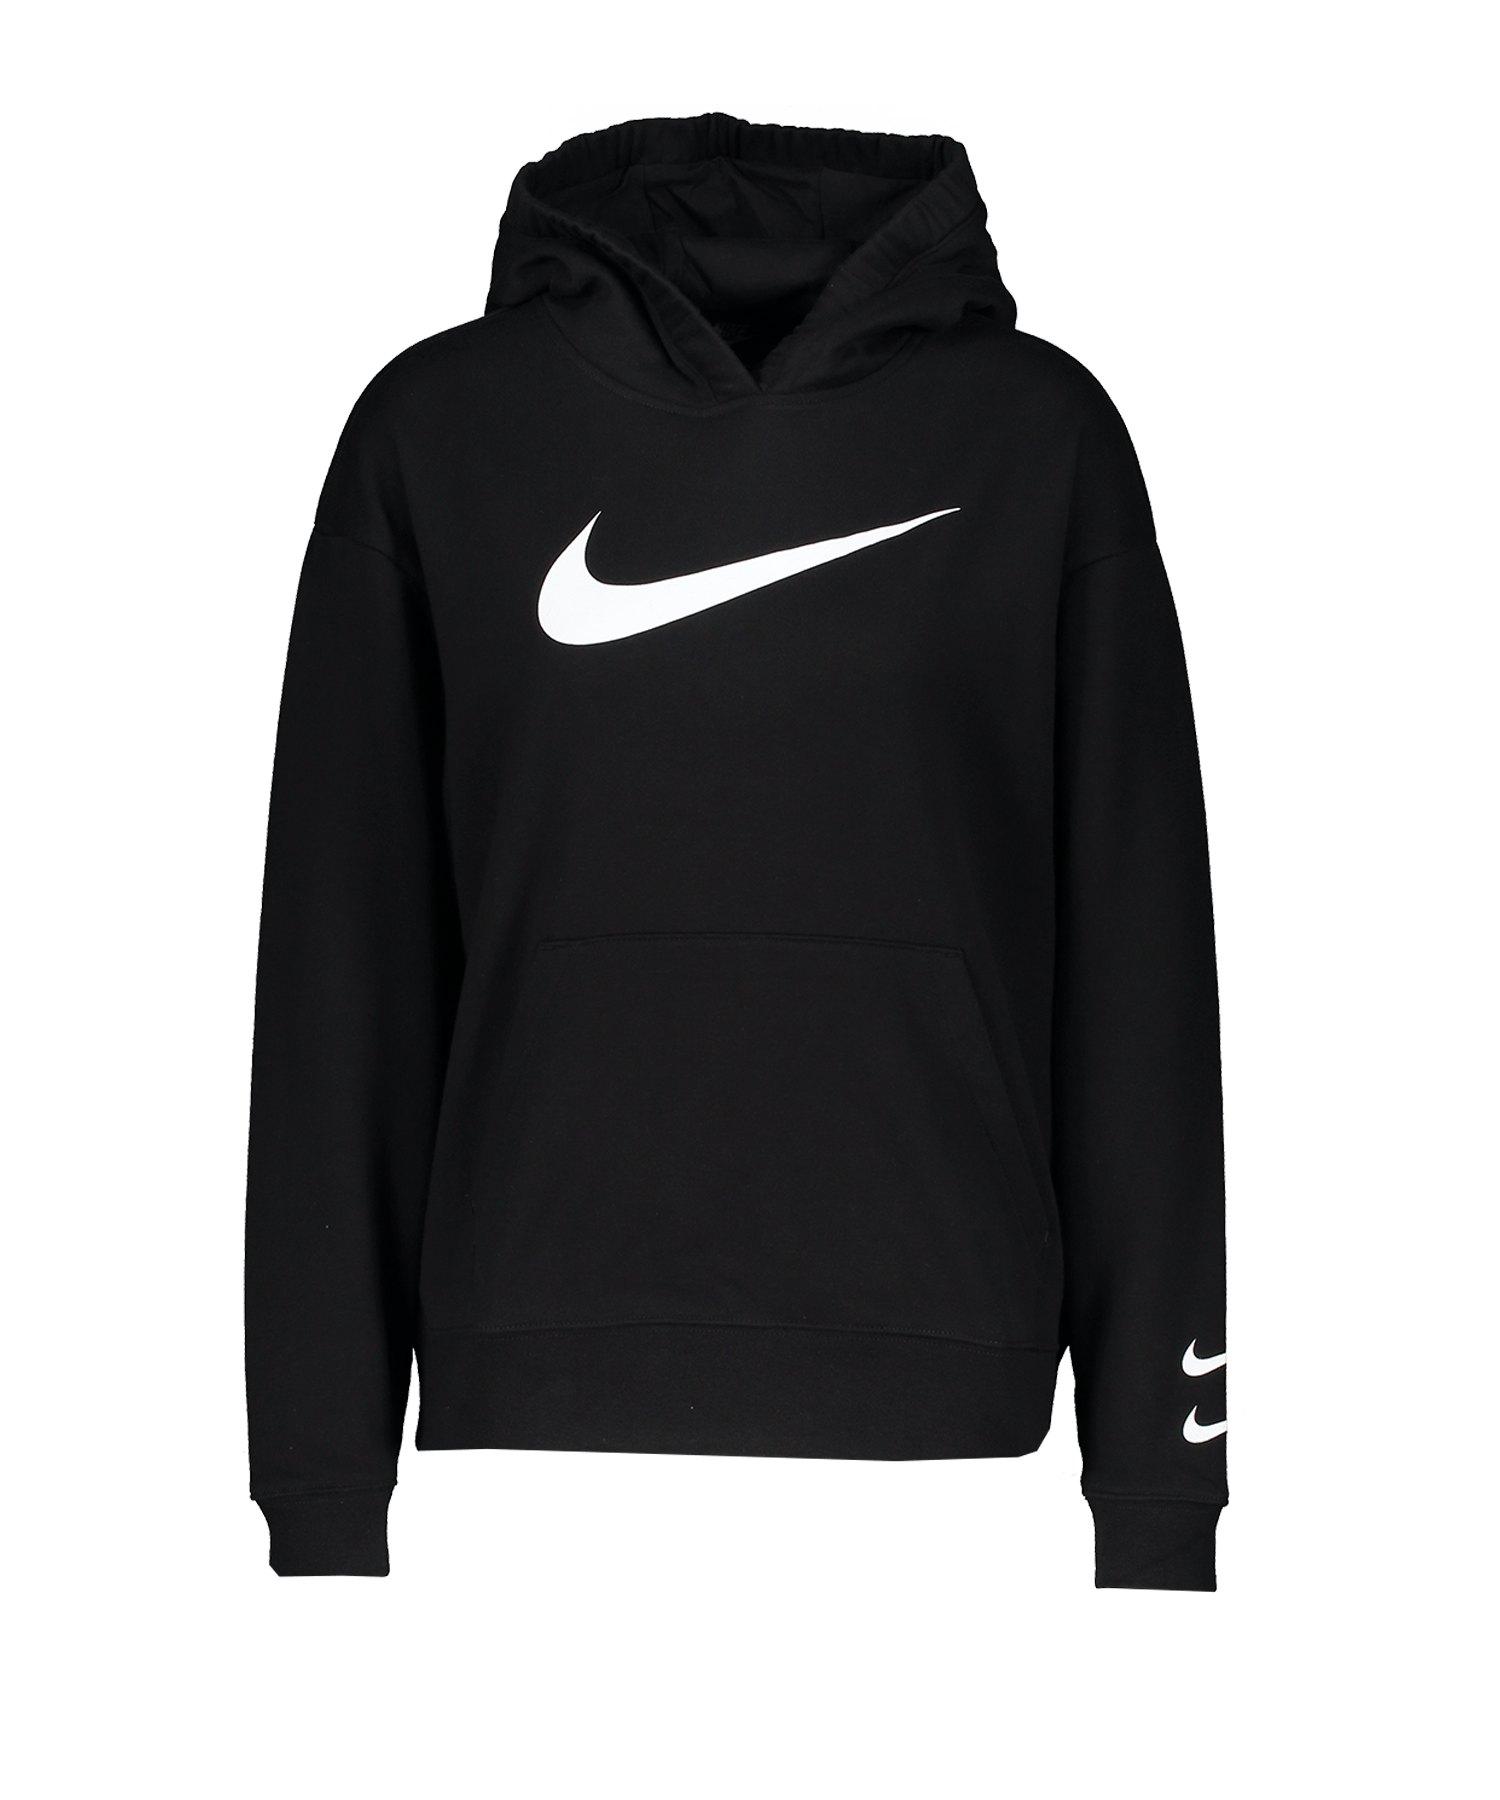 Nike Swoosh Kapuzensweatshirt Damen Schwarz F010 - schwarz